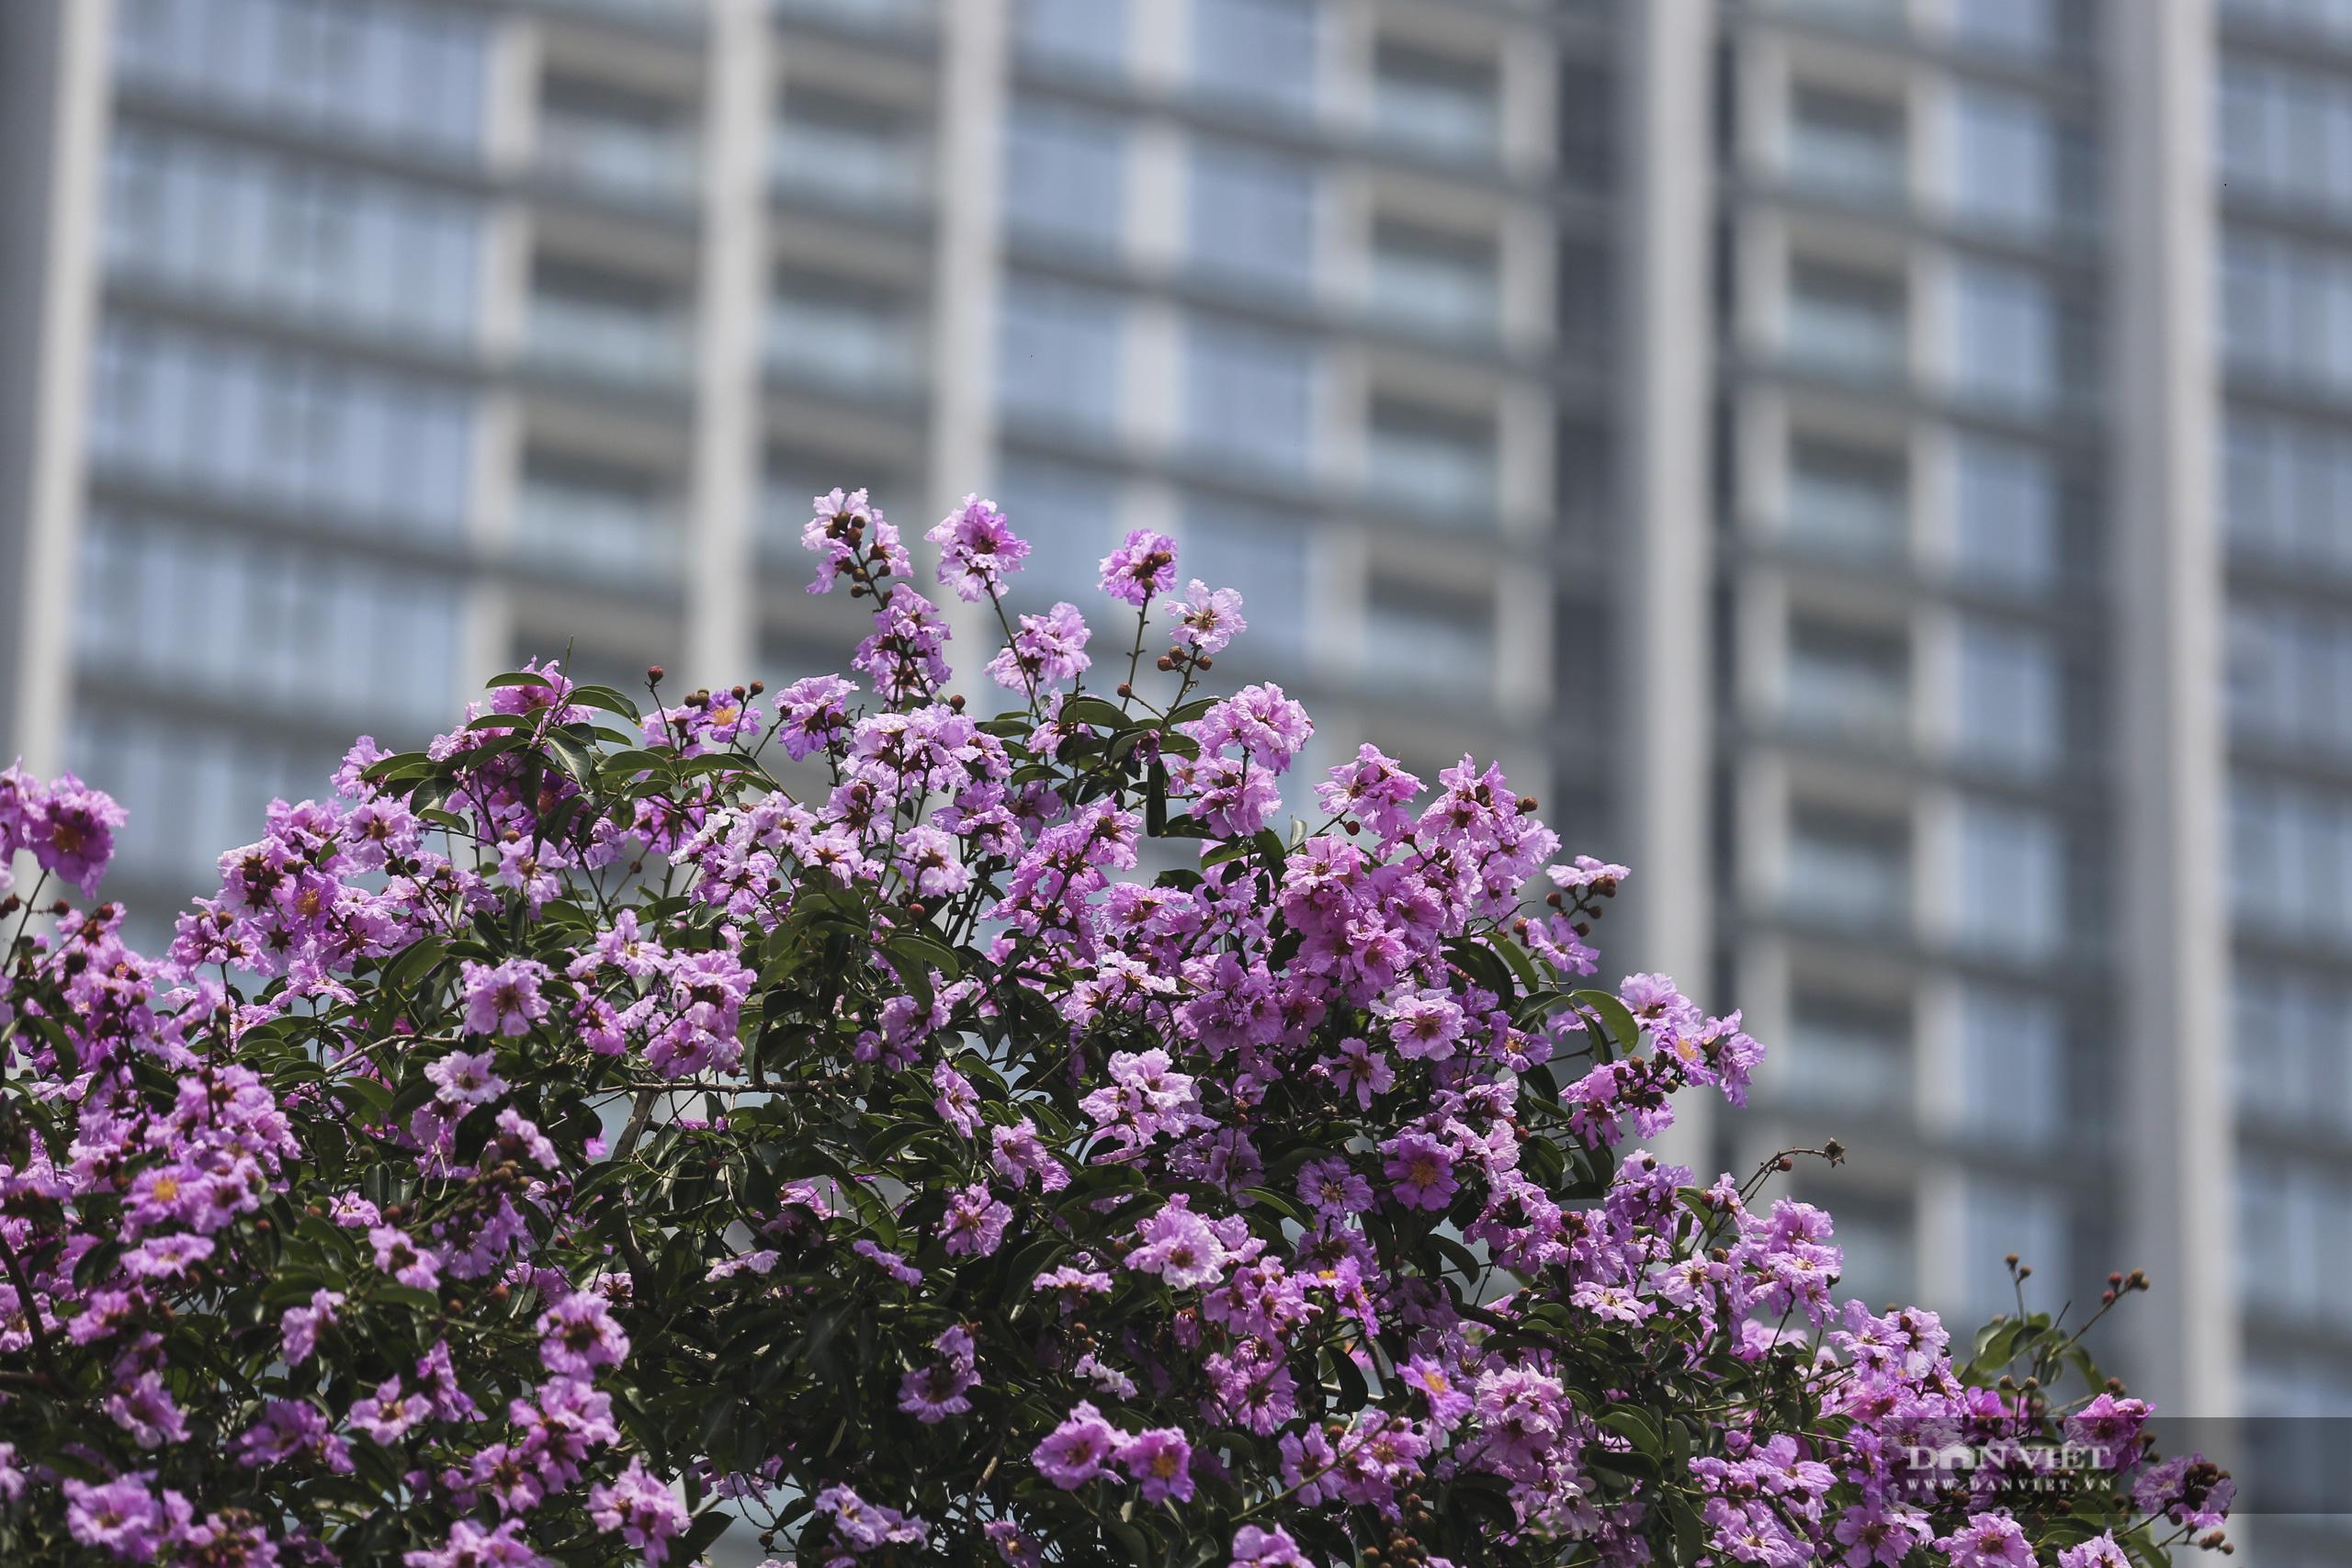 Hoa bằng lăng: loài hoa biểu tượng của sự thủy chung nở rộ khắp đường phố Hà Nội - Ảnh 10.